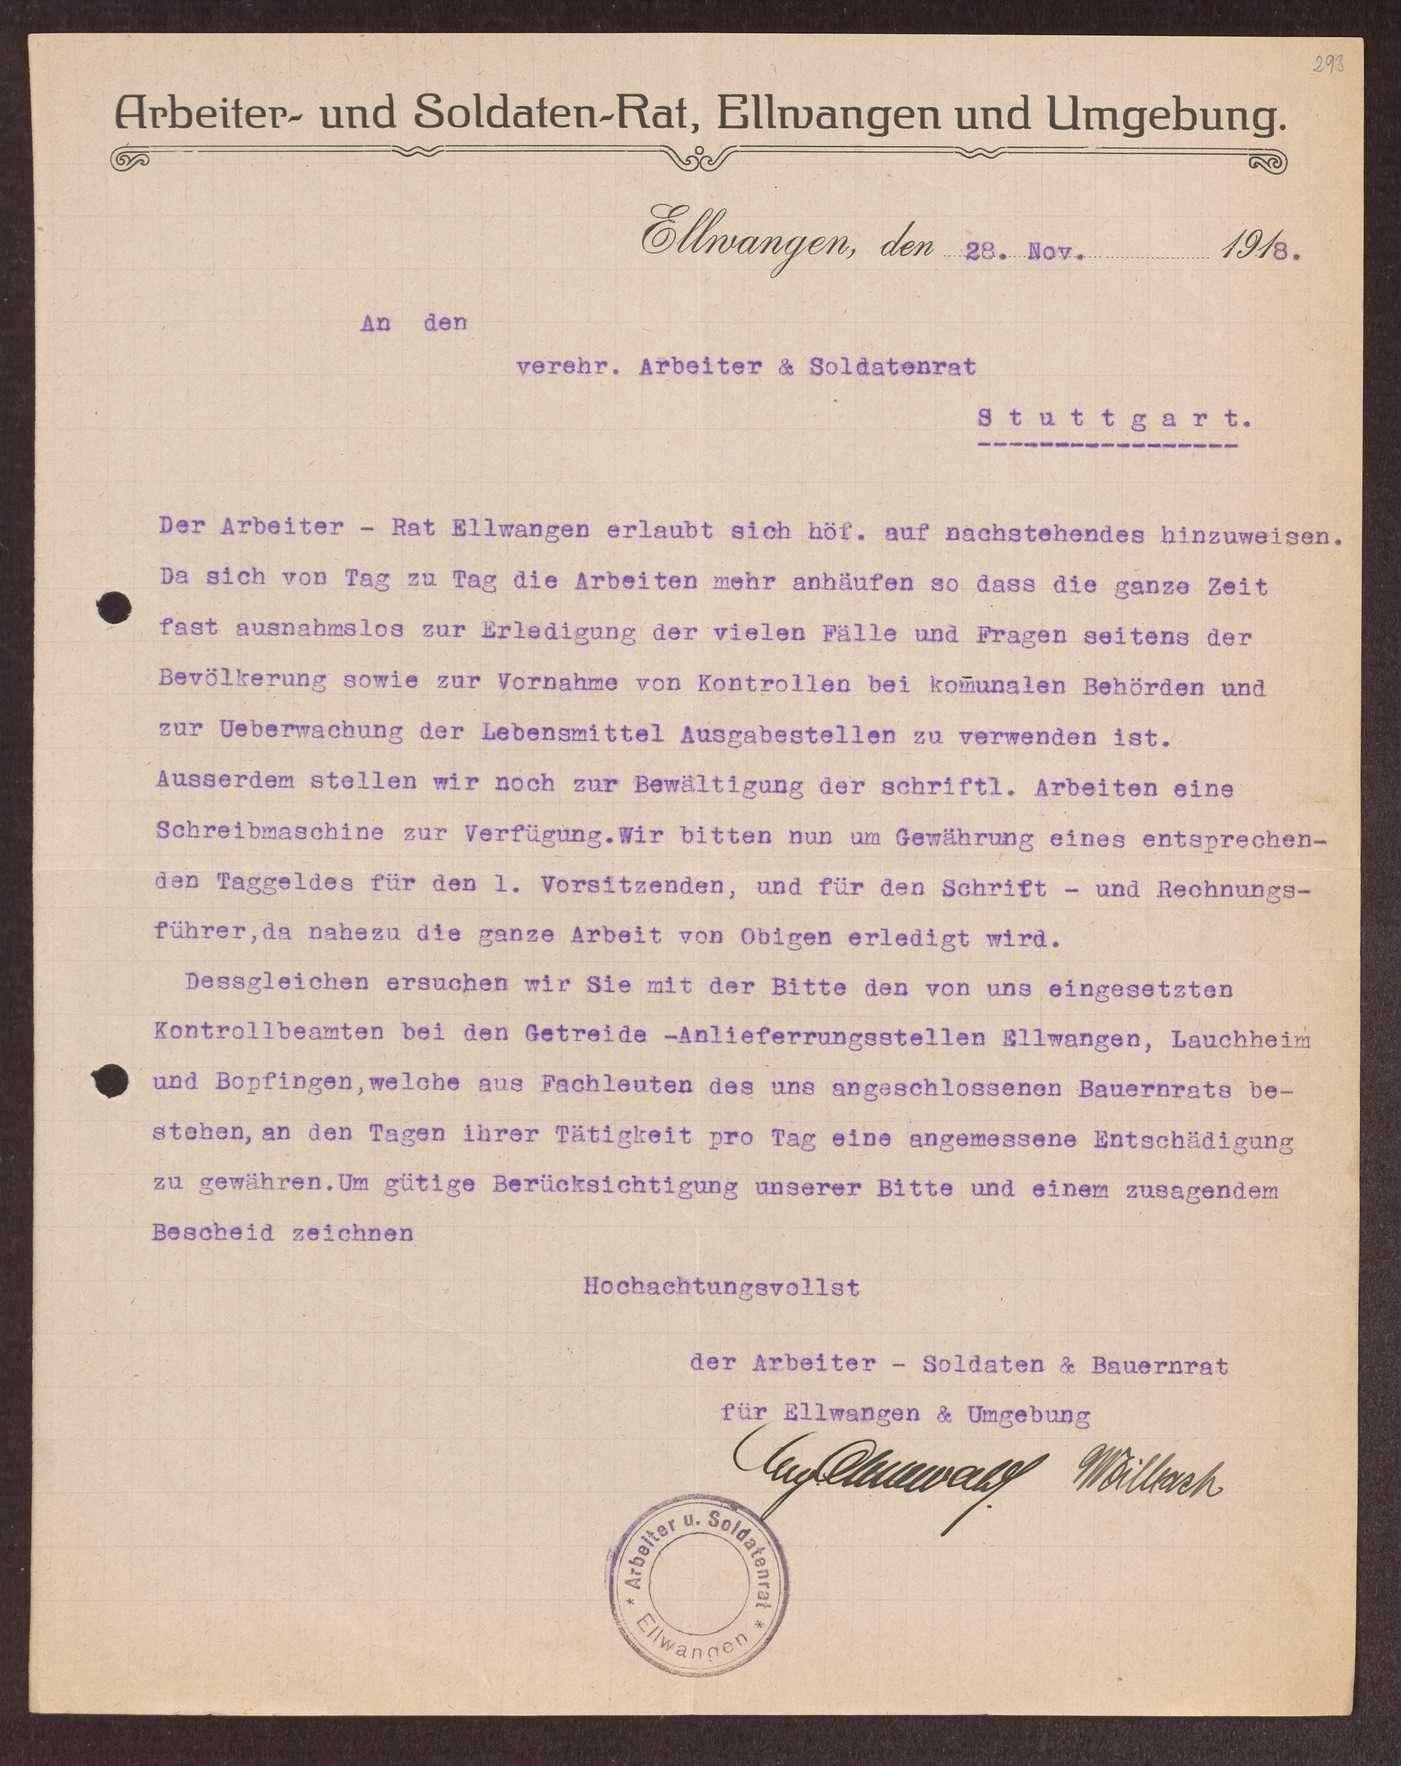 Finanzierung und Rechnungslegung örtlicher Arbeiter- und Bauernräte im Oberamt Ellwangen, Bild 2